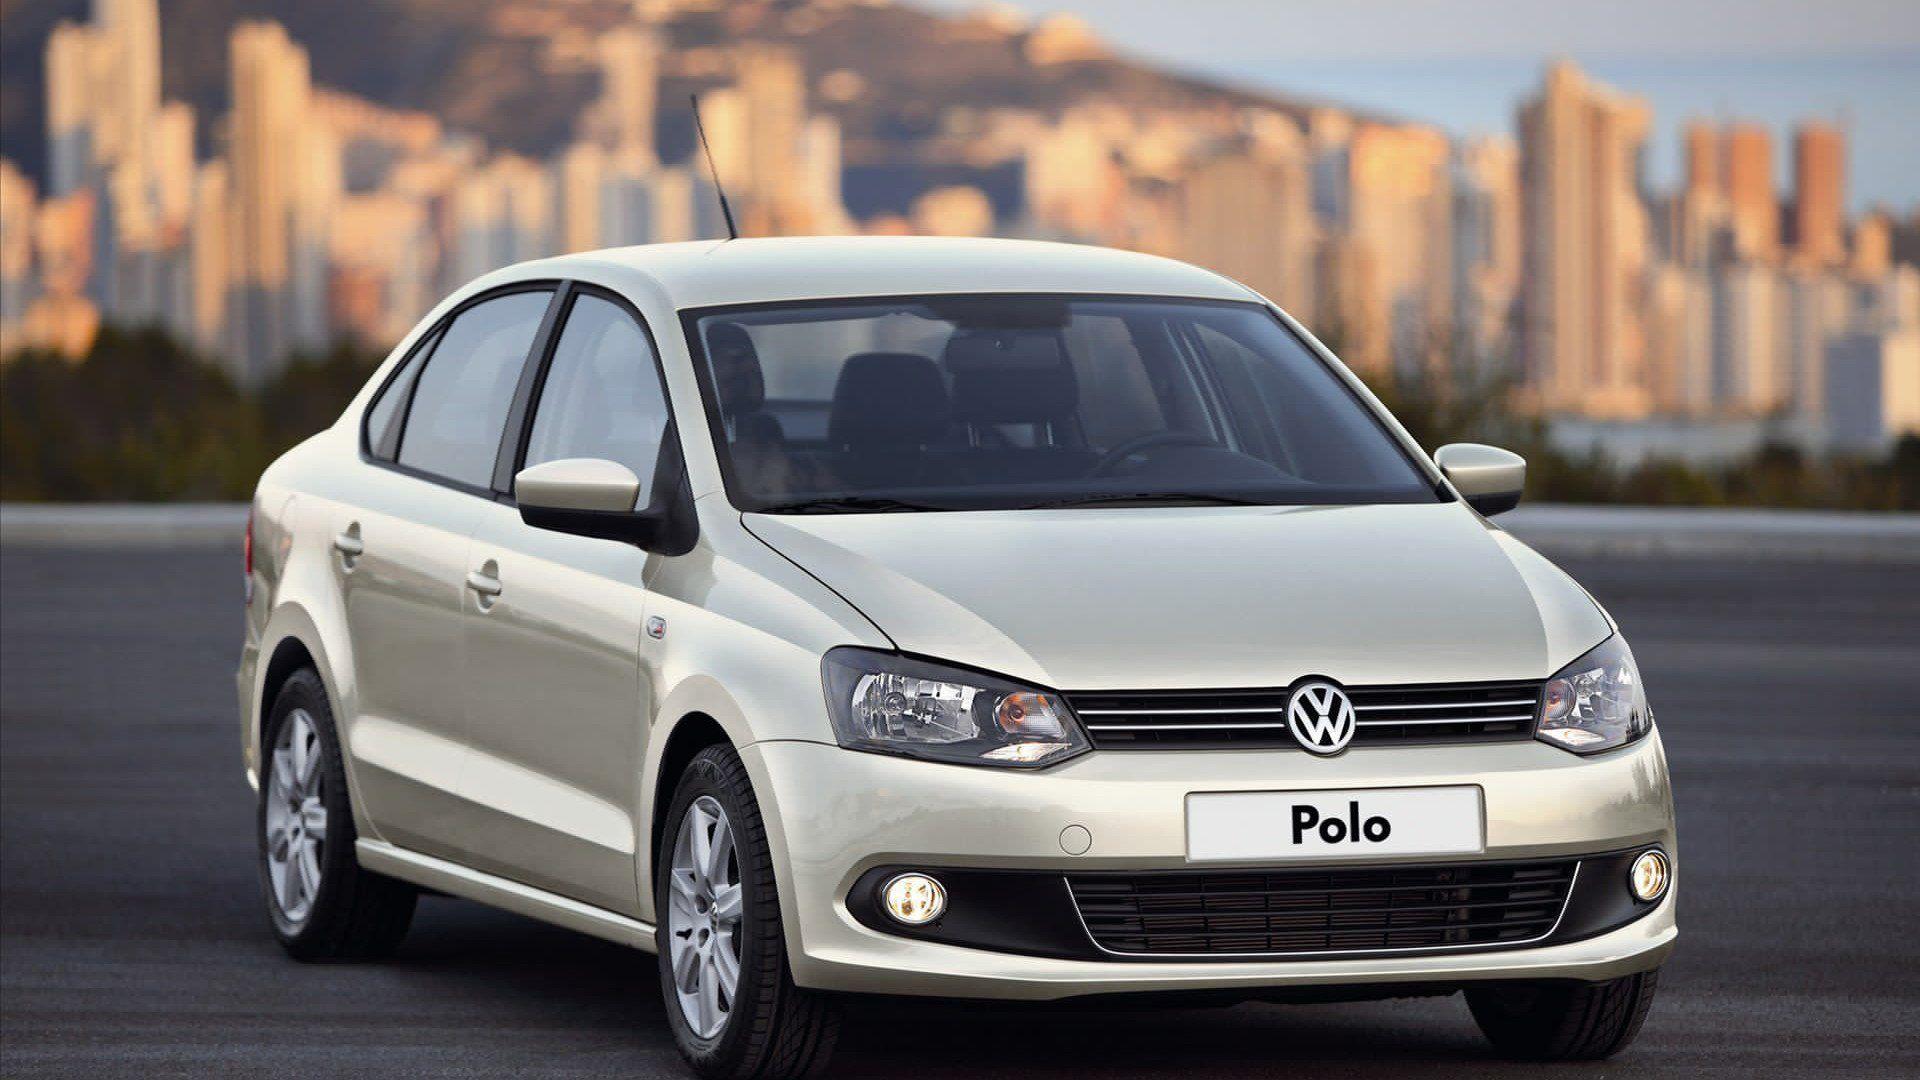 Экономичный мотор, но жесткая подвеска: Главные особенности Volkswagen Polo V